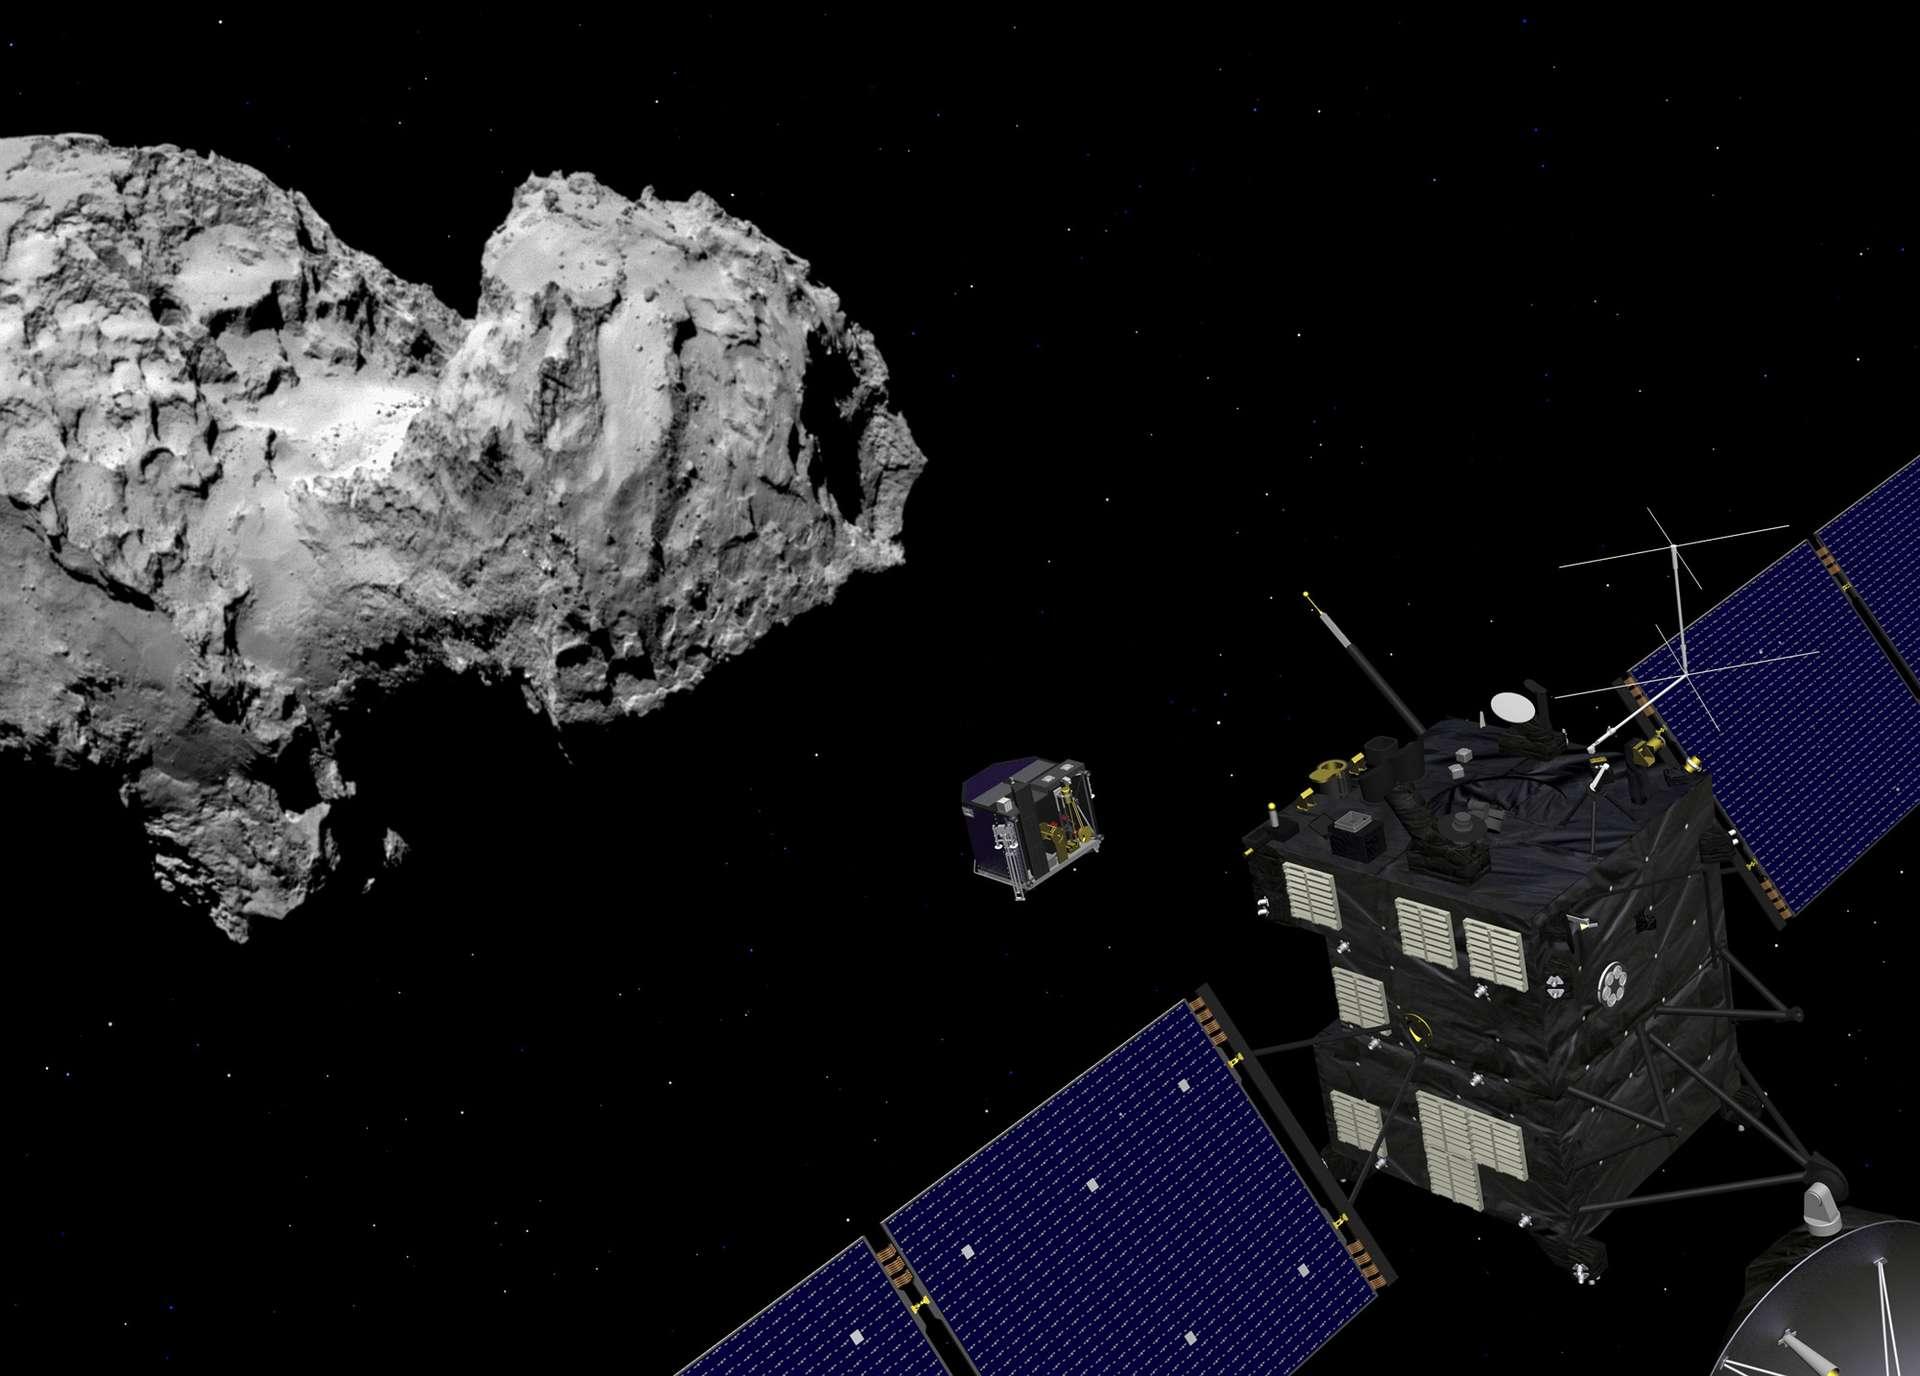 La sonde Rosetta a permis l'étude du noyau de la comète 67P/Churyumov-Gerasimenko durant une partie de son périple autour du Soleil. En orbite autour de la comète depuis le 6 août 2014, elle avait largué le module Philae qui s'est posé avec succès, après quelques rebonds. © ESA, J. Huart, 2014 ; image comète : ESA, Rosetta, MPS for Osiris Team MPS